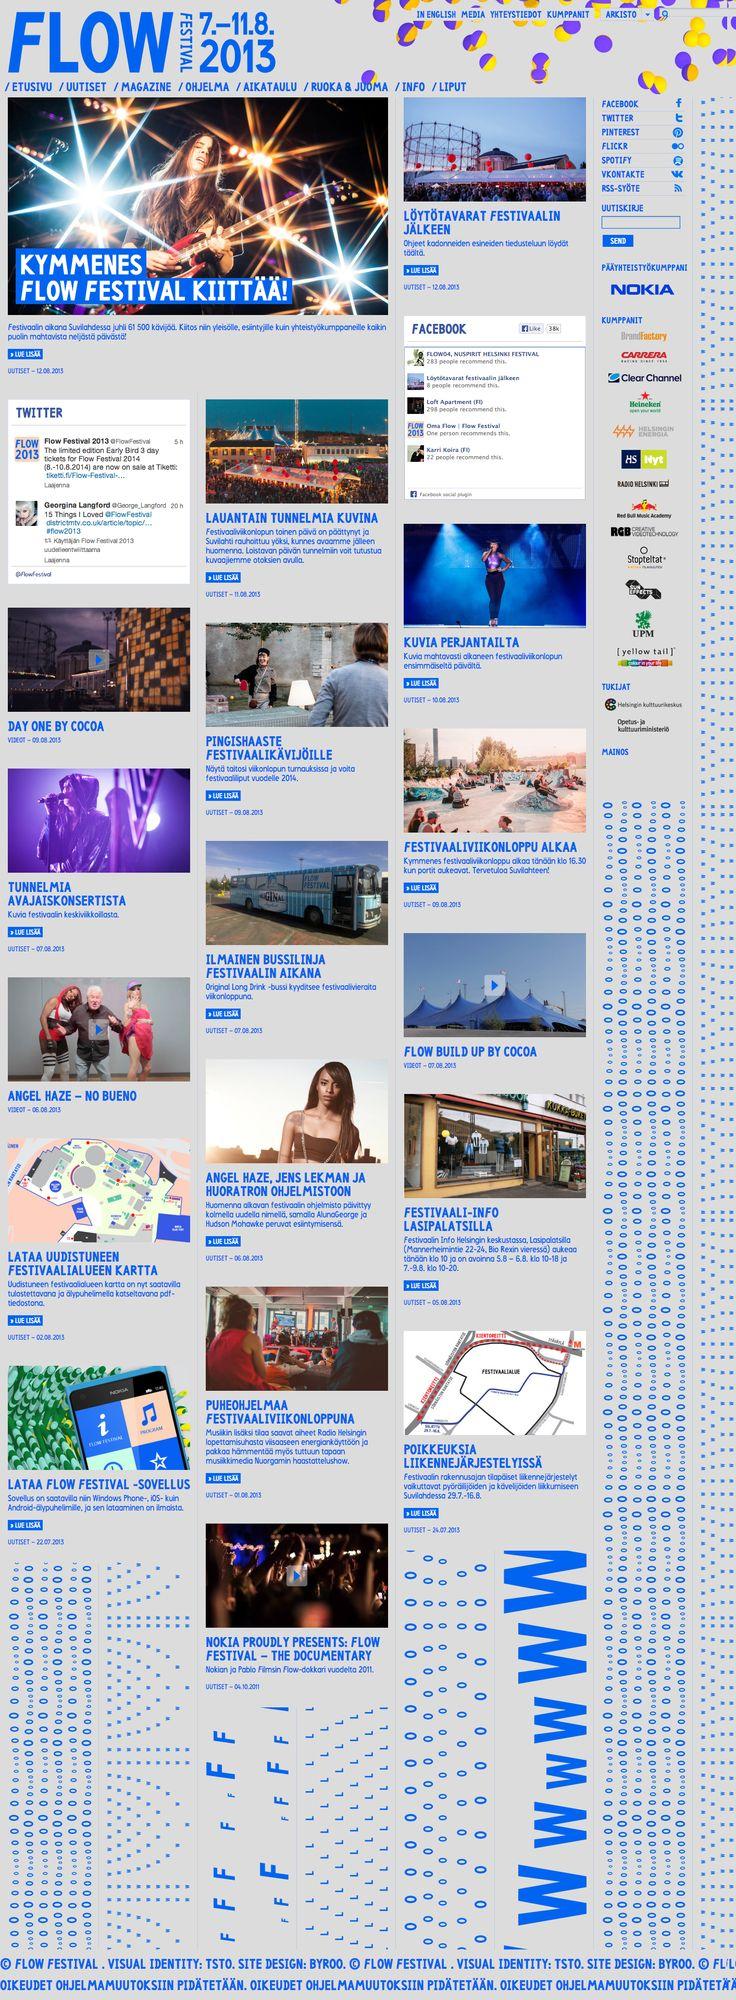 Flow Festival website - designed by Byroo. http://www.byroo.fi/